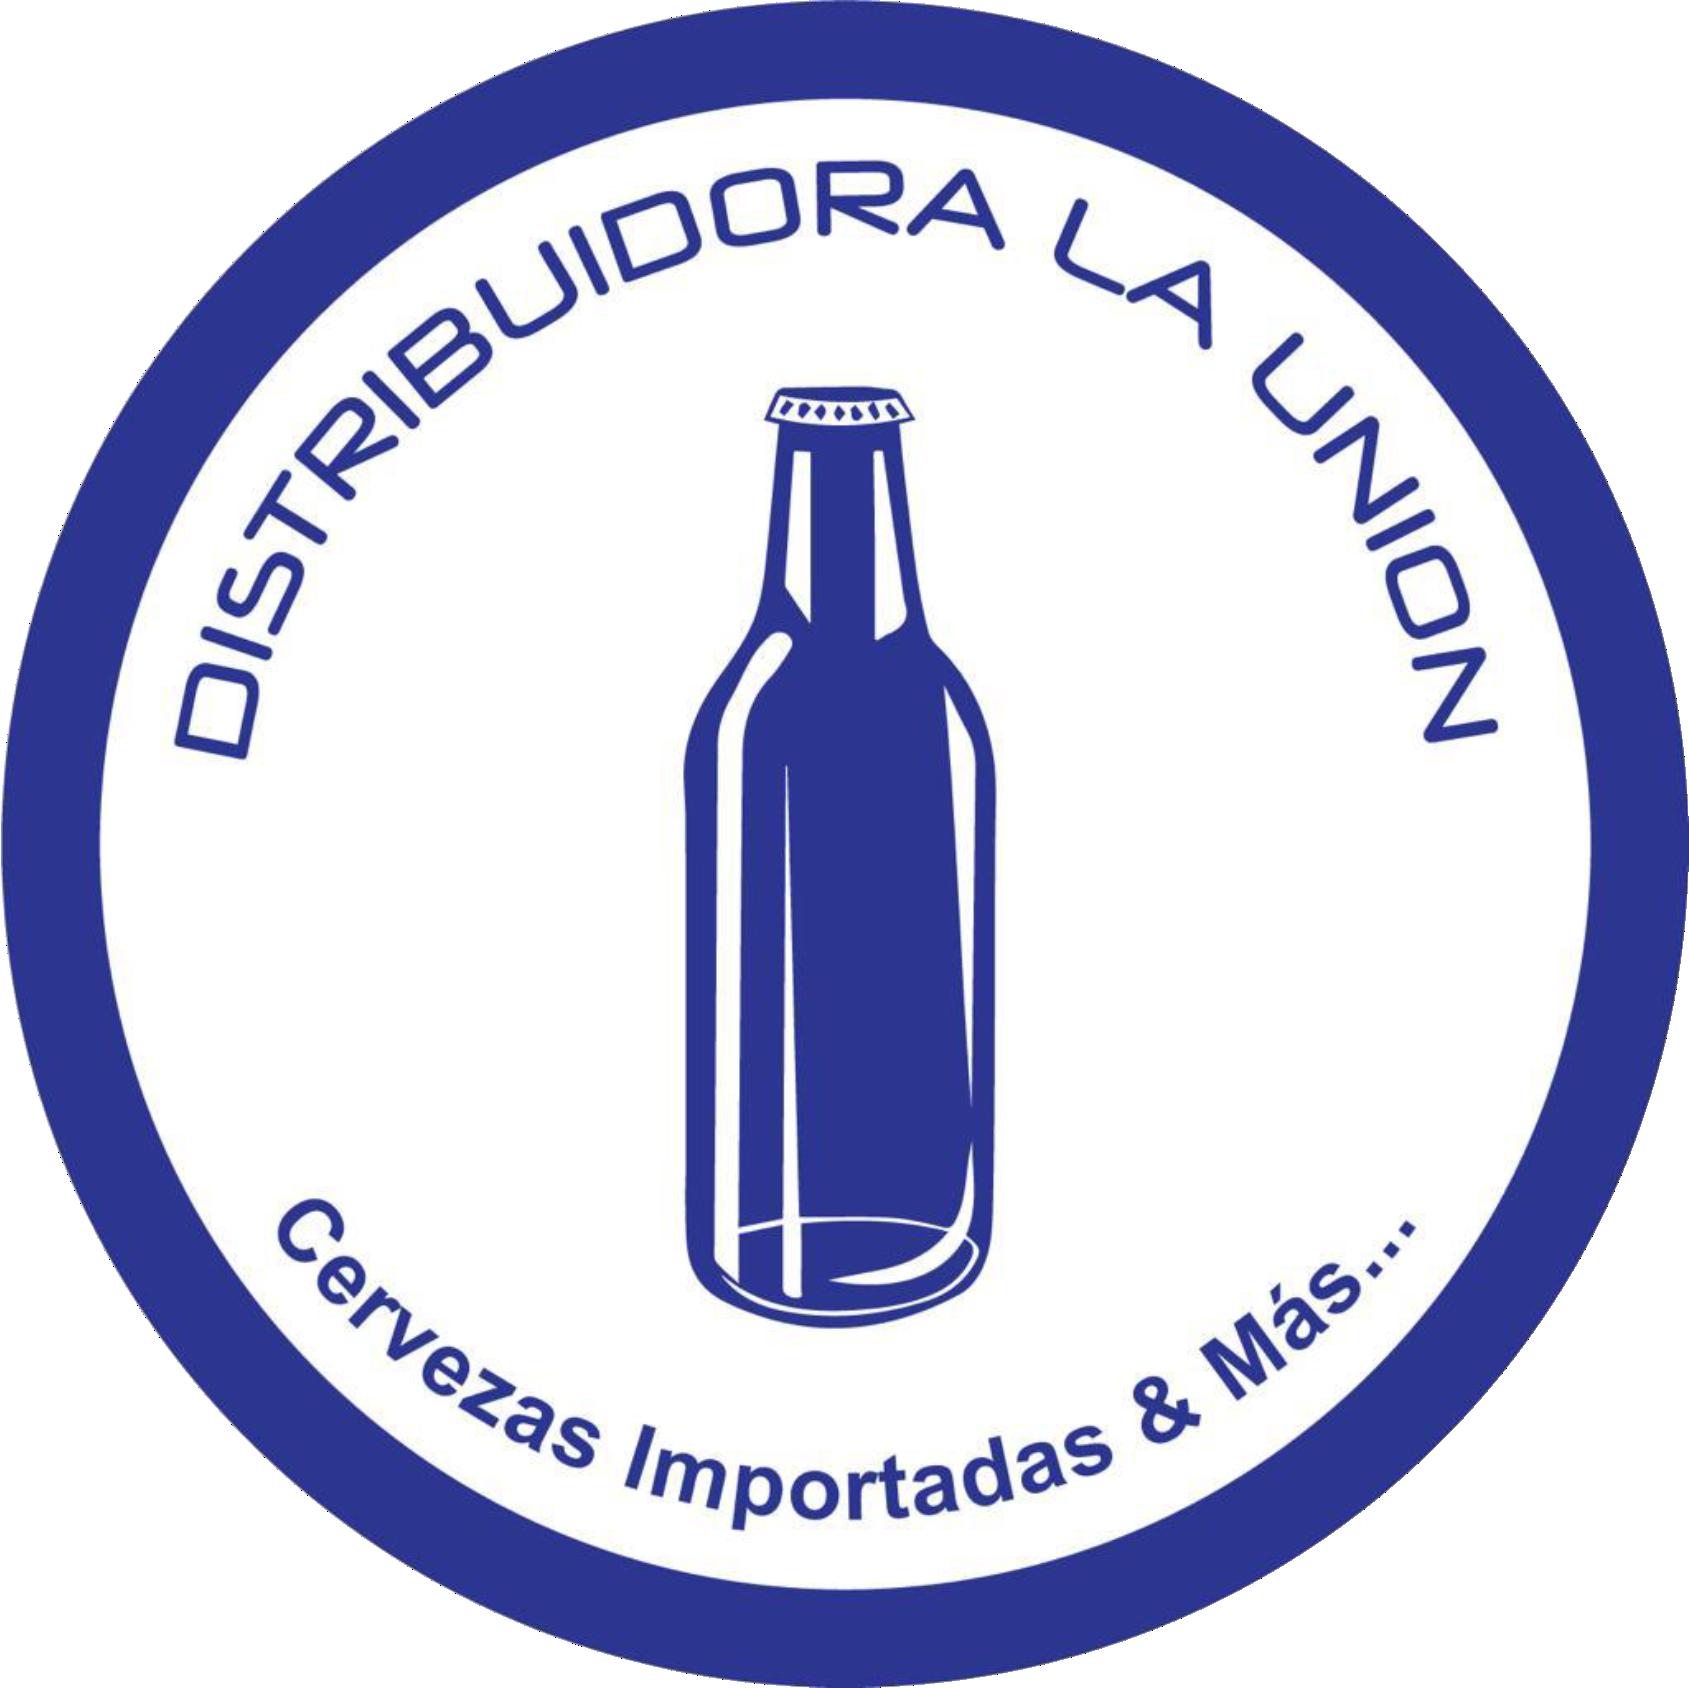 Distribuidora La Unión